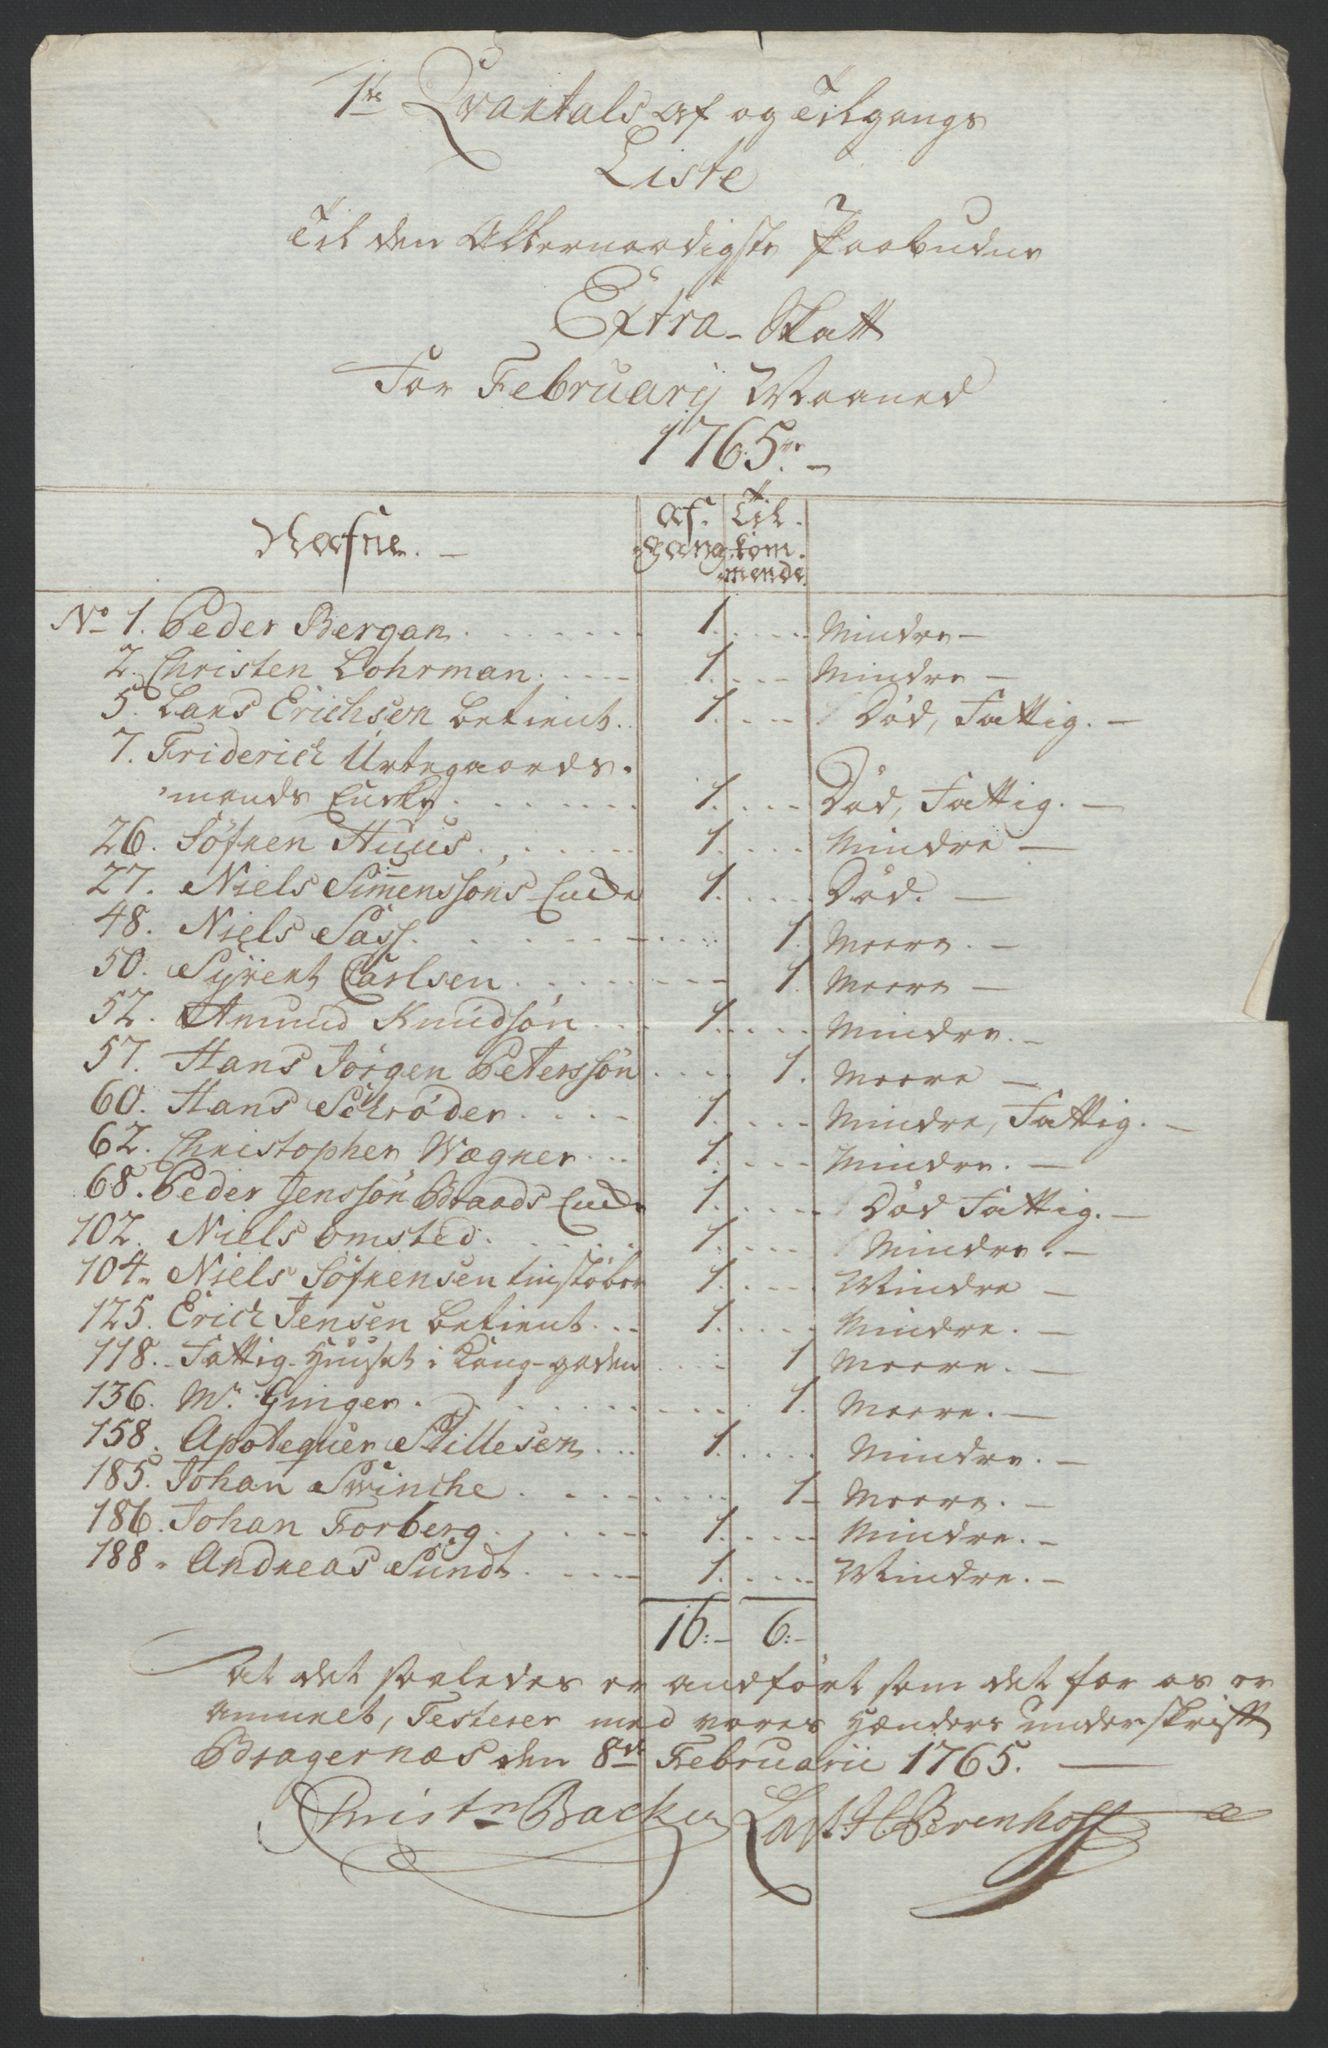 RA, Rentekammeret inntil 1814, Reviderte regnskaper, Byregnskaper, R/Rf/L0119: [F2] Kontribusjonsregnskap, 1762-1767, s. 276